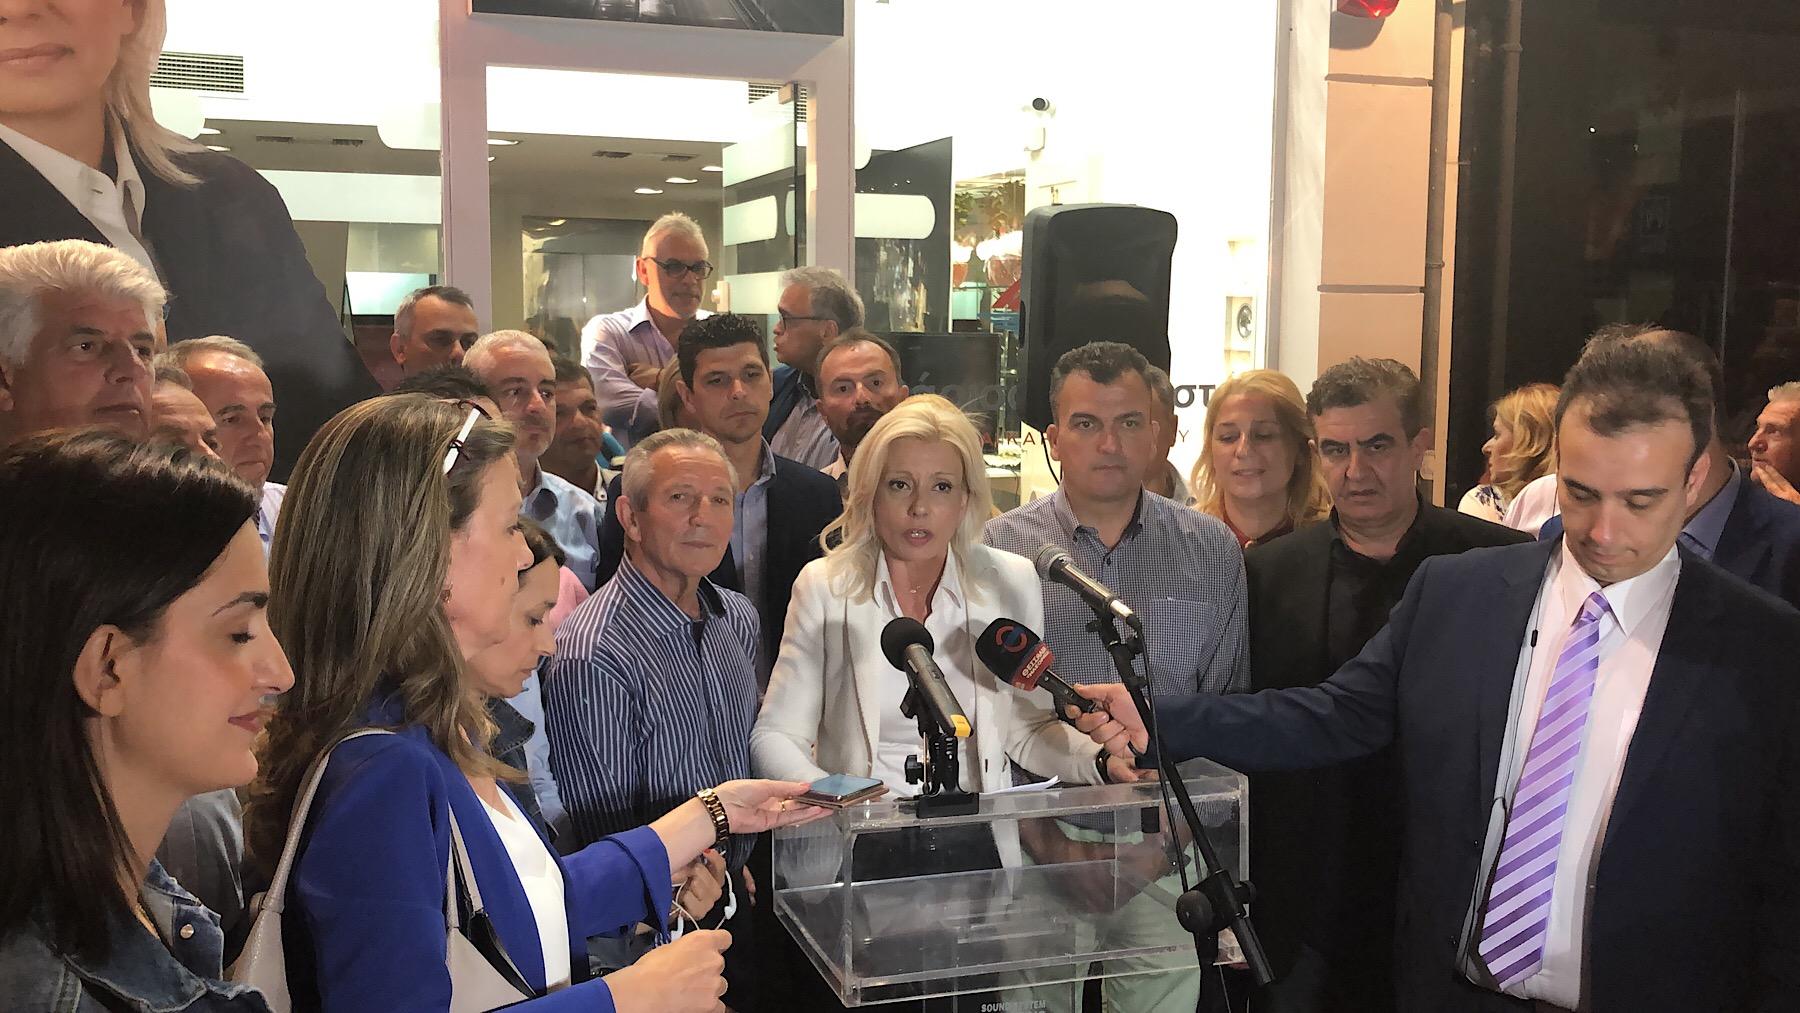 Ρένα Καραλαριώτου: Καλώ τους πολίτες να βάλουν το συμφέρον της πόλης πρώτα και πάνω από όλα (Φώτο)